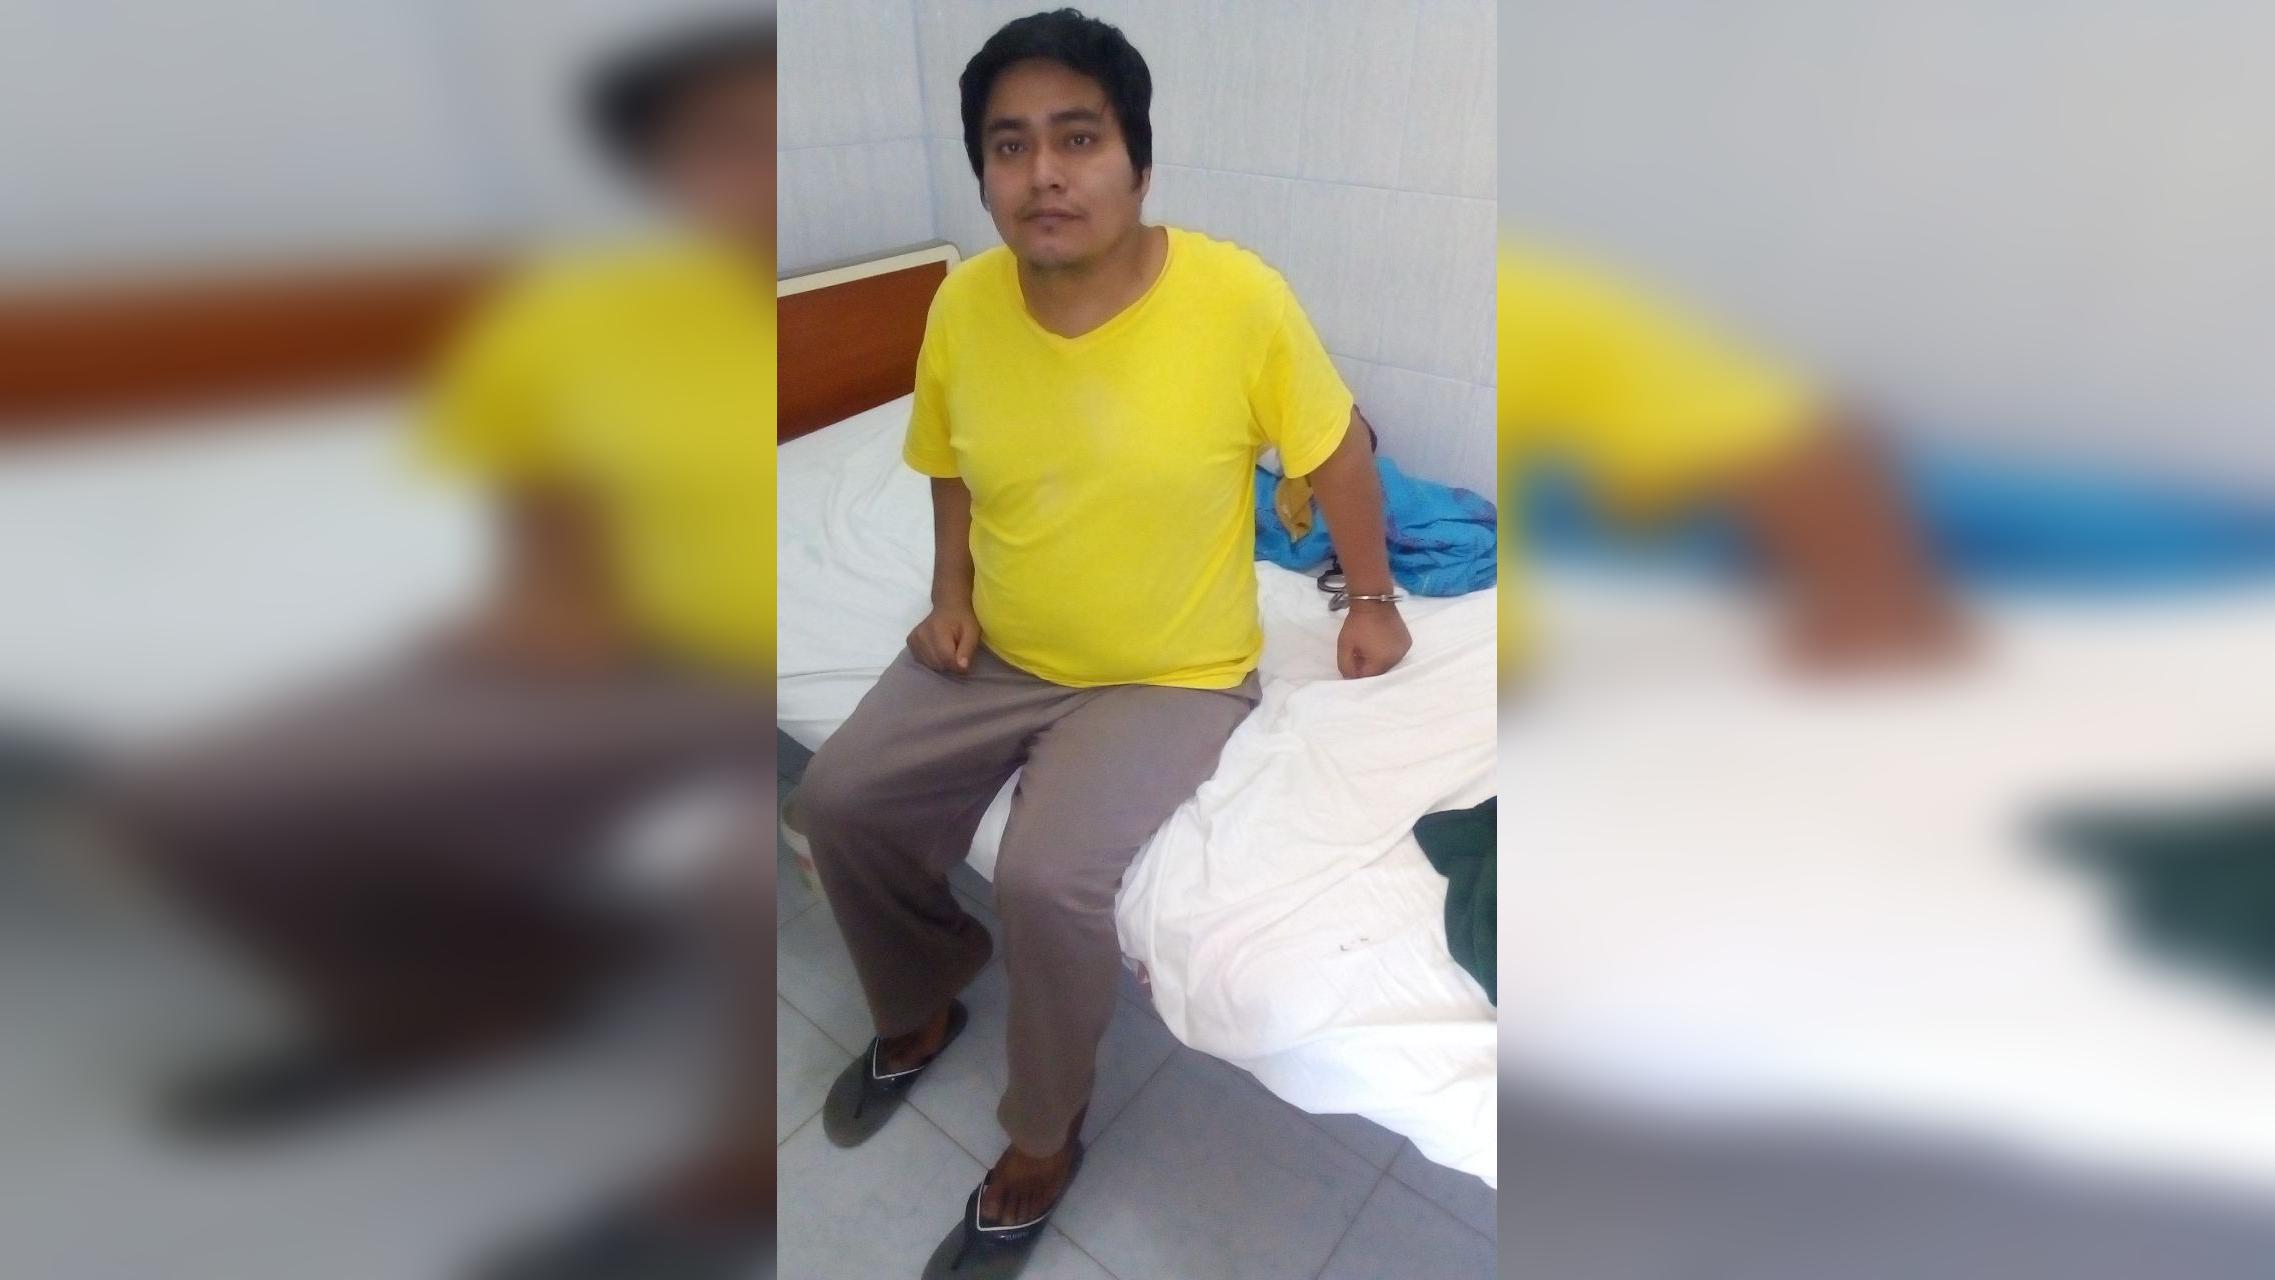 Piden ayuda para internar a su hermano con problemas mentales. Daniel Villanueva Vásquez mató a su padre en el 2014 usando un martillo, hace unas semanas atacó a su madre con una tijera.